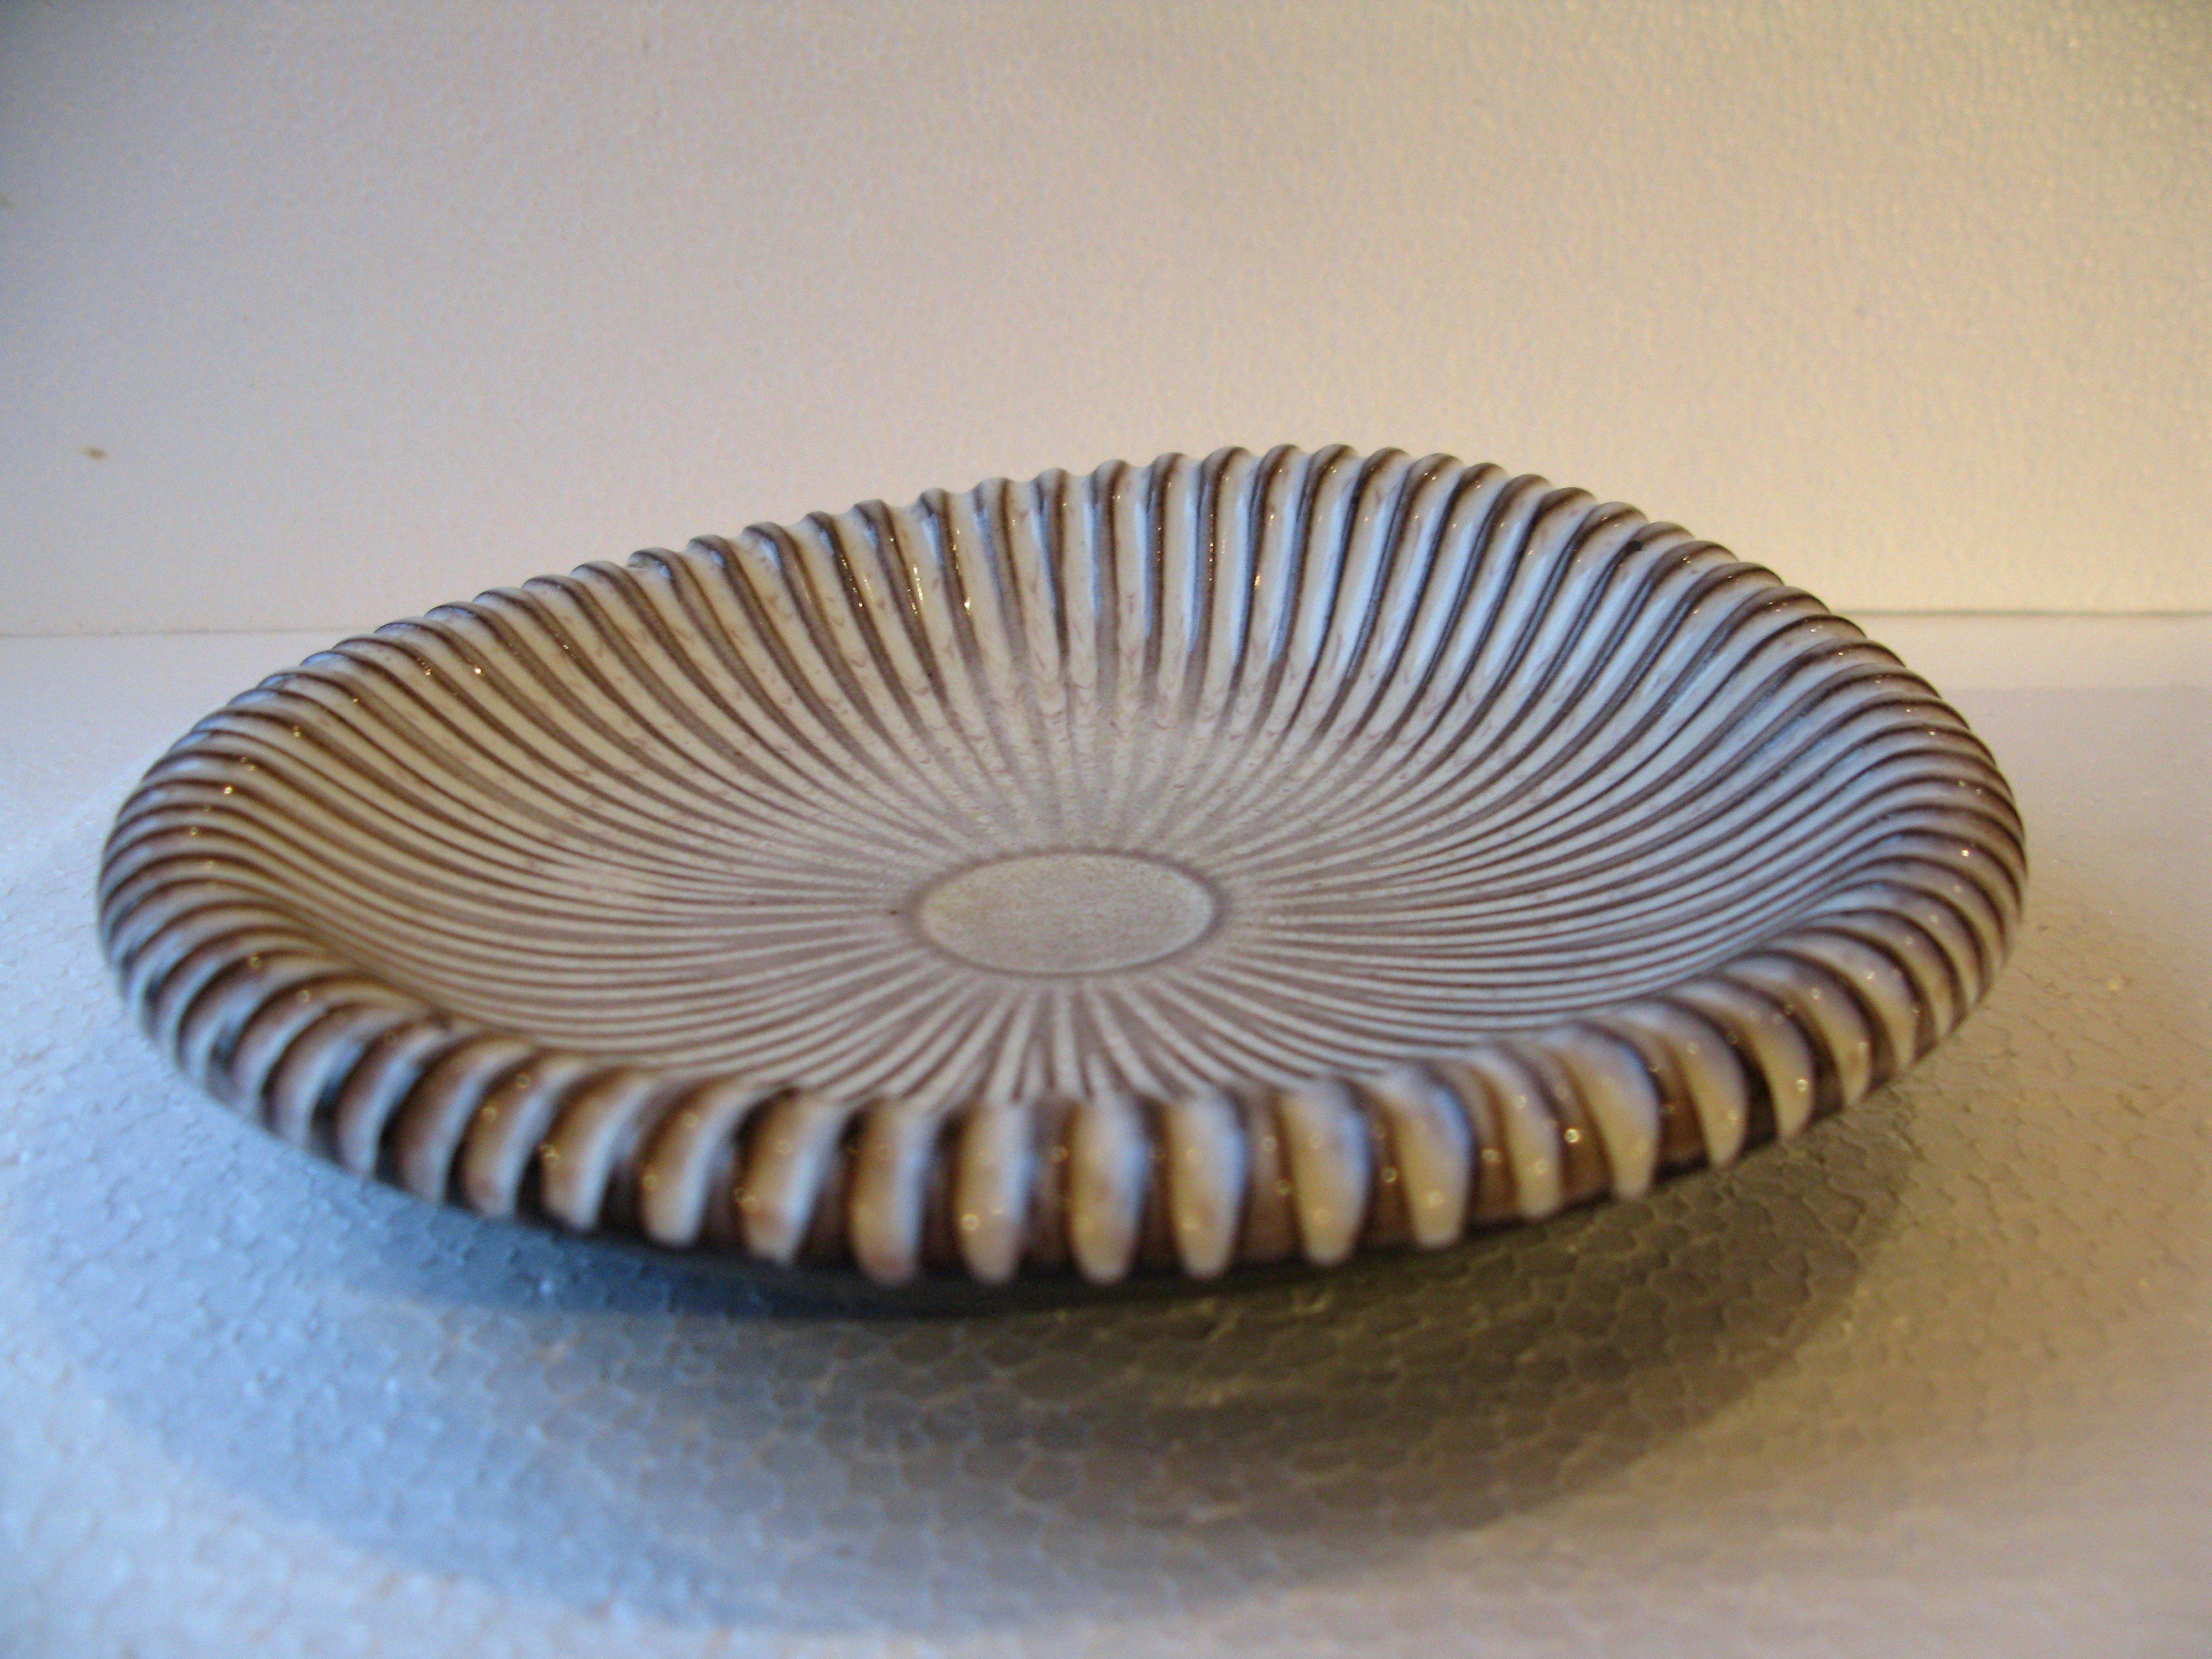 fungo bowl 3018